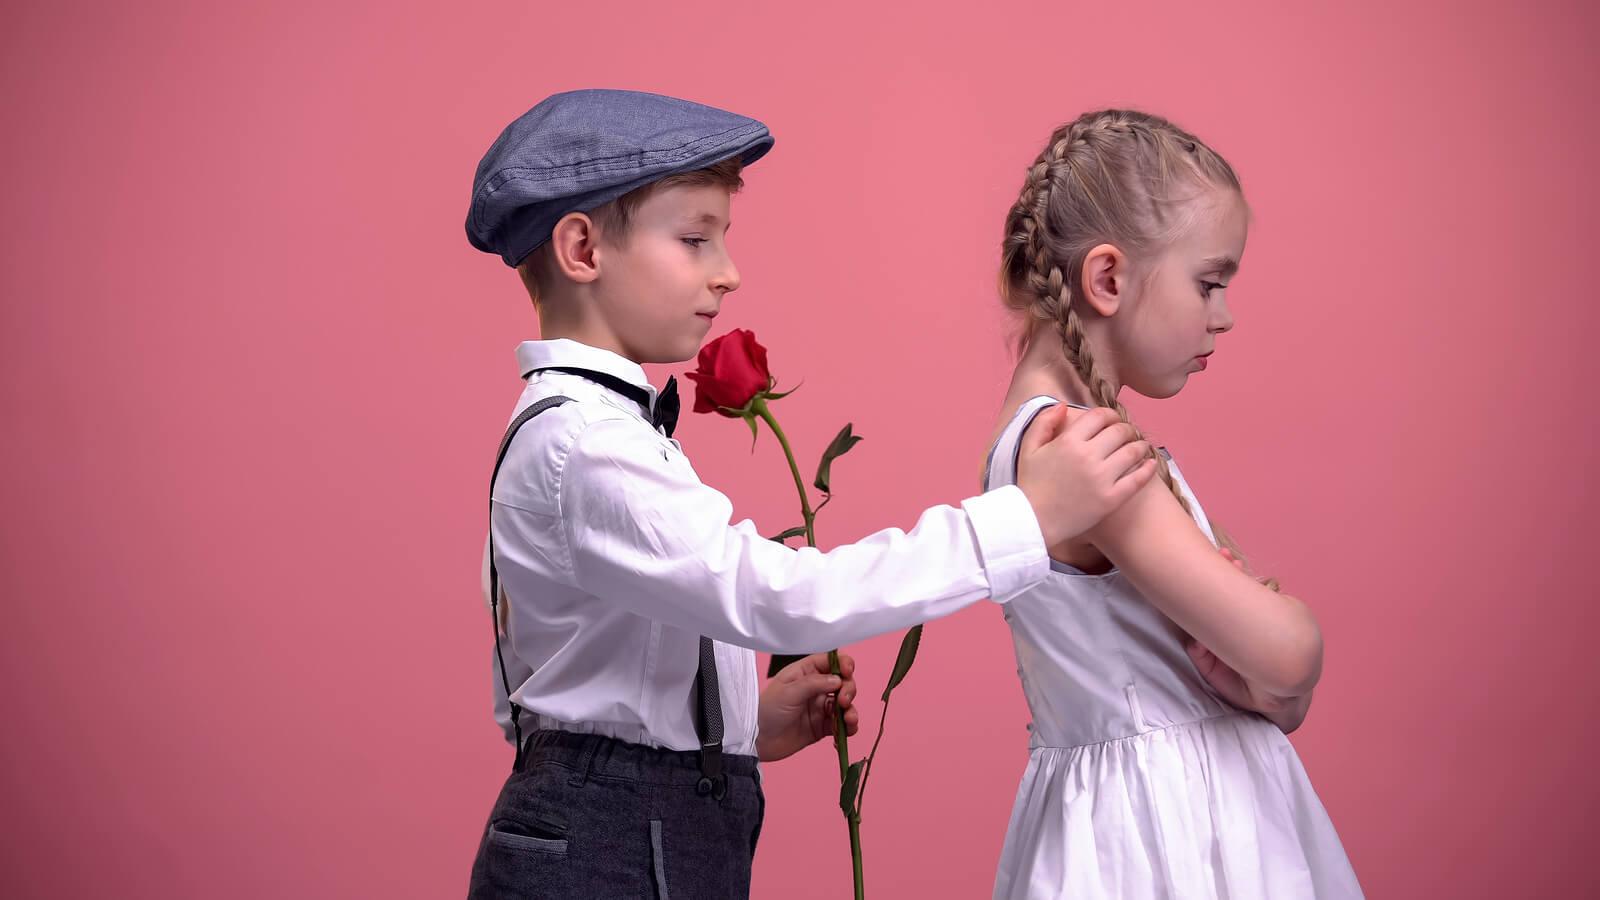 el perdón como valor para niños